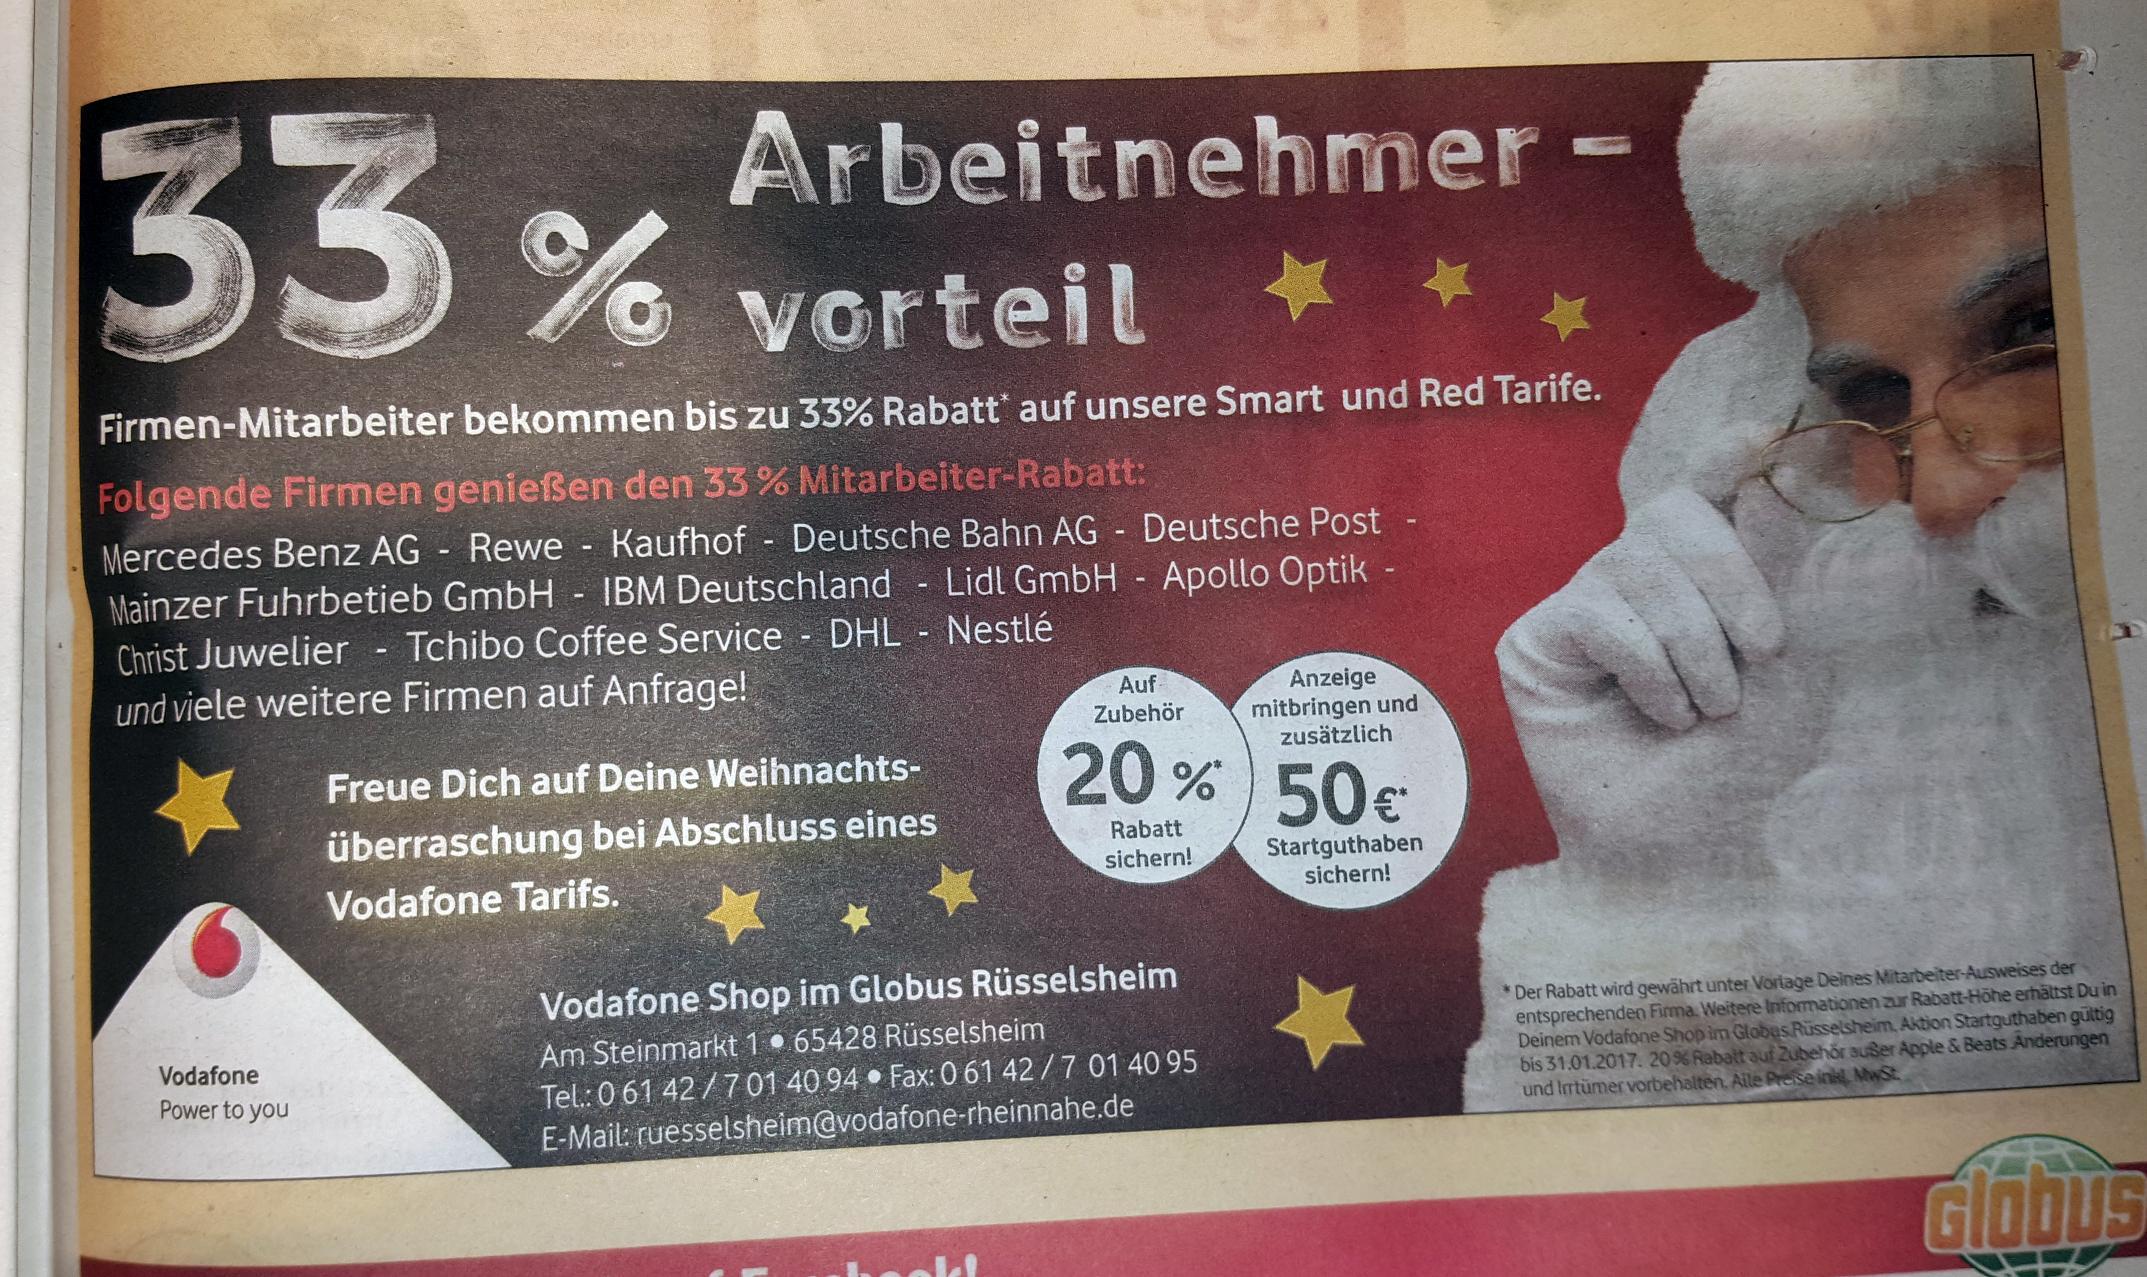 [Rüsselsheim] 33% auf alle Vodafone Smart und Red Tarife + 50€ Guthaben + Weihnachtsüberraschung